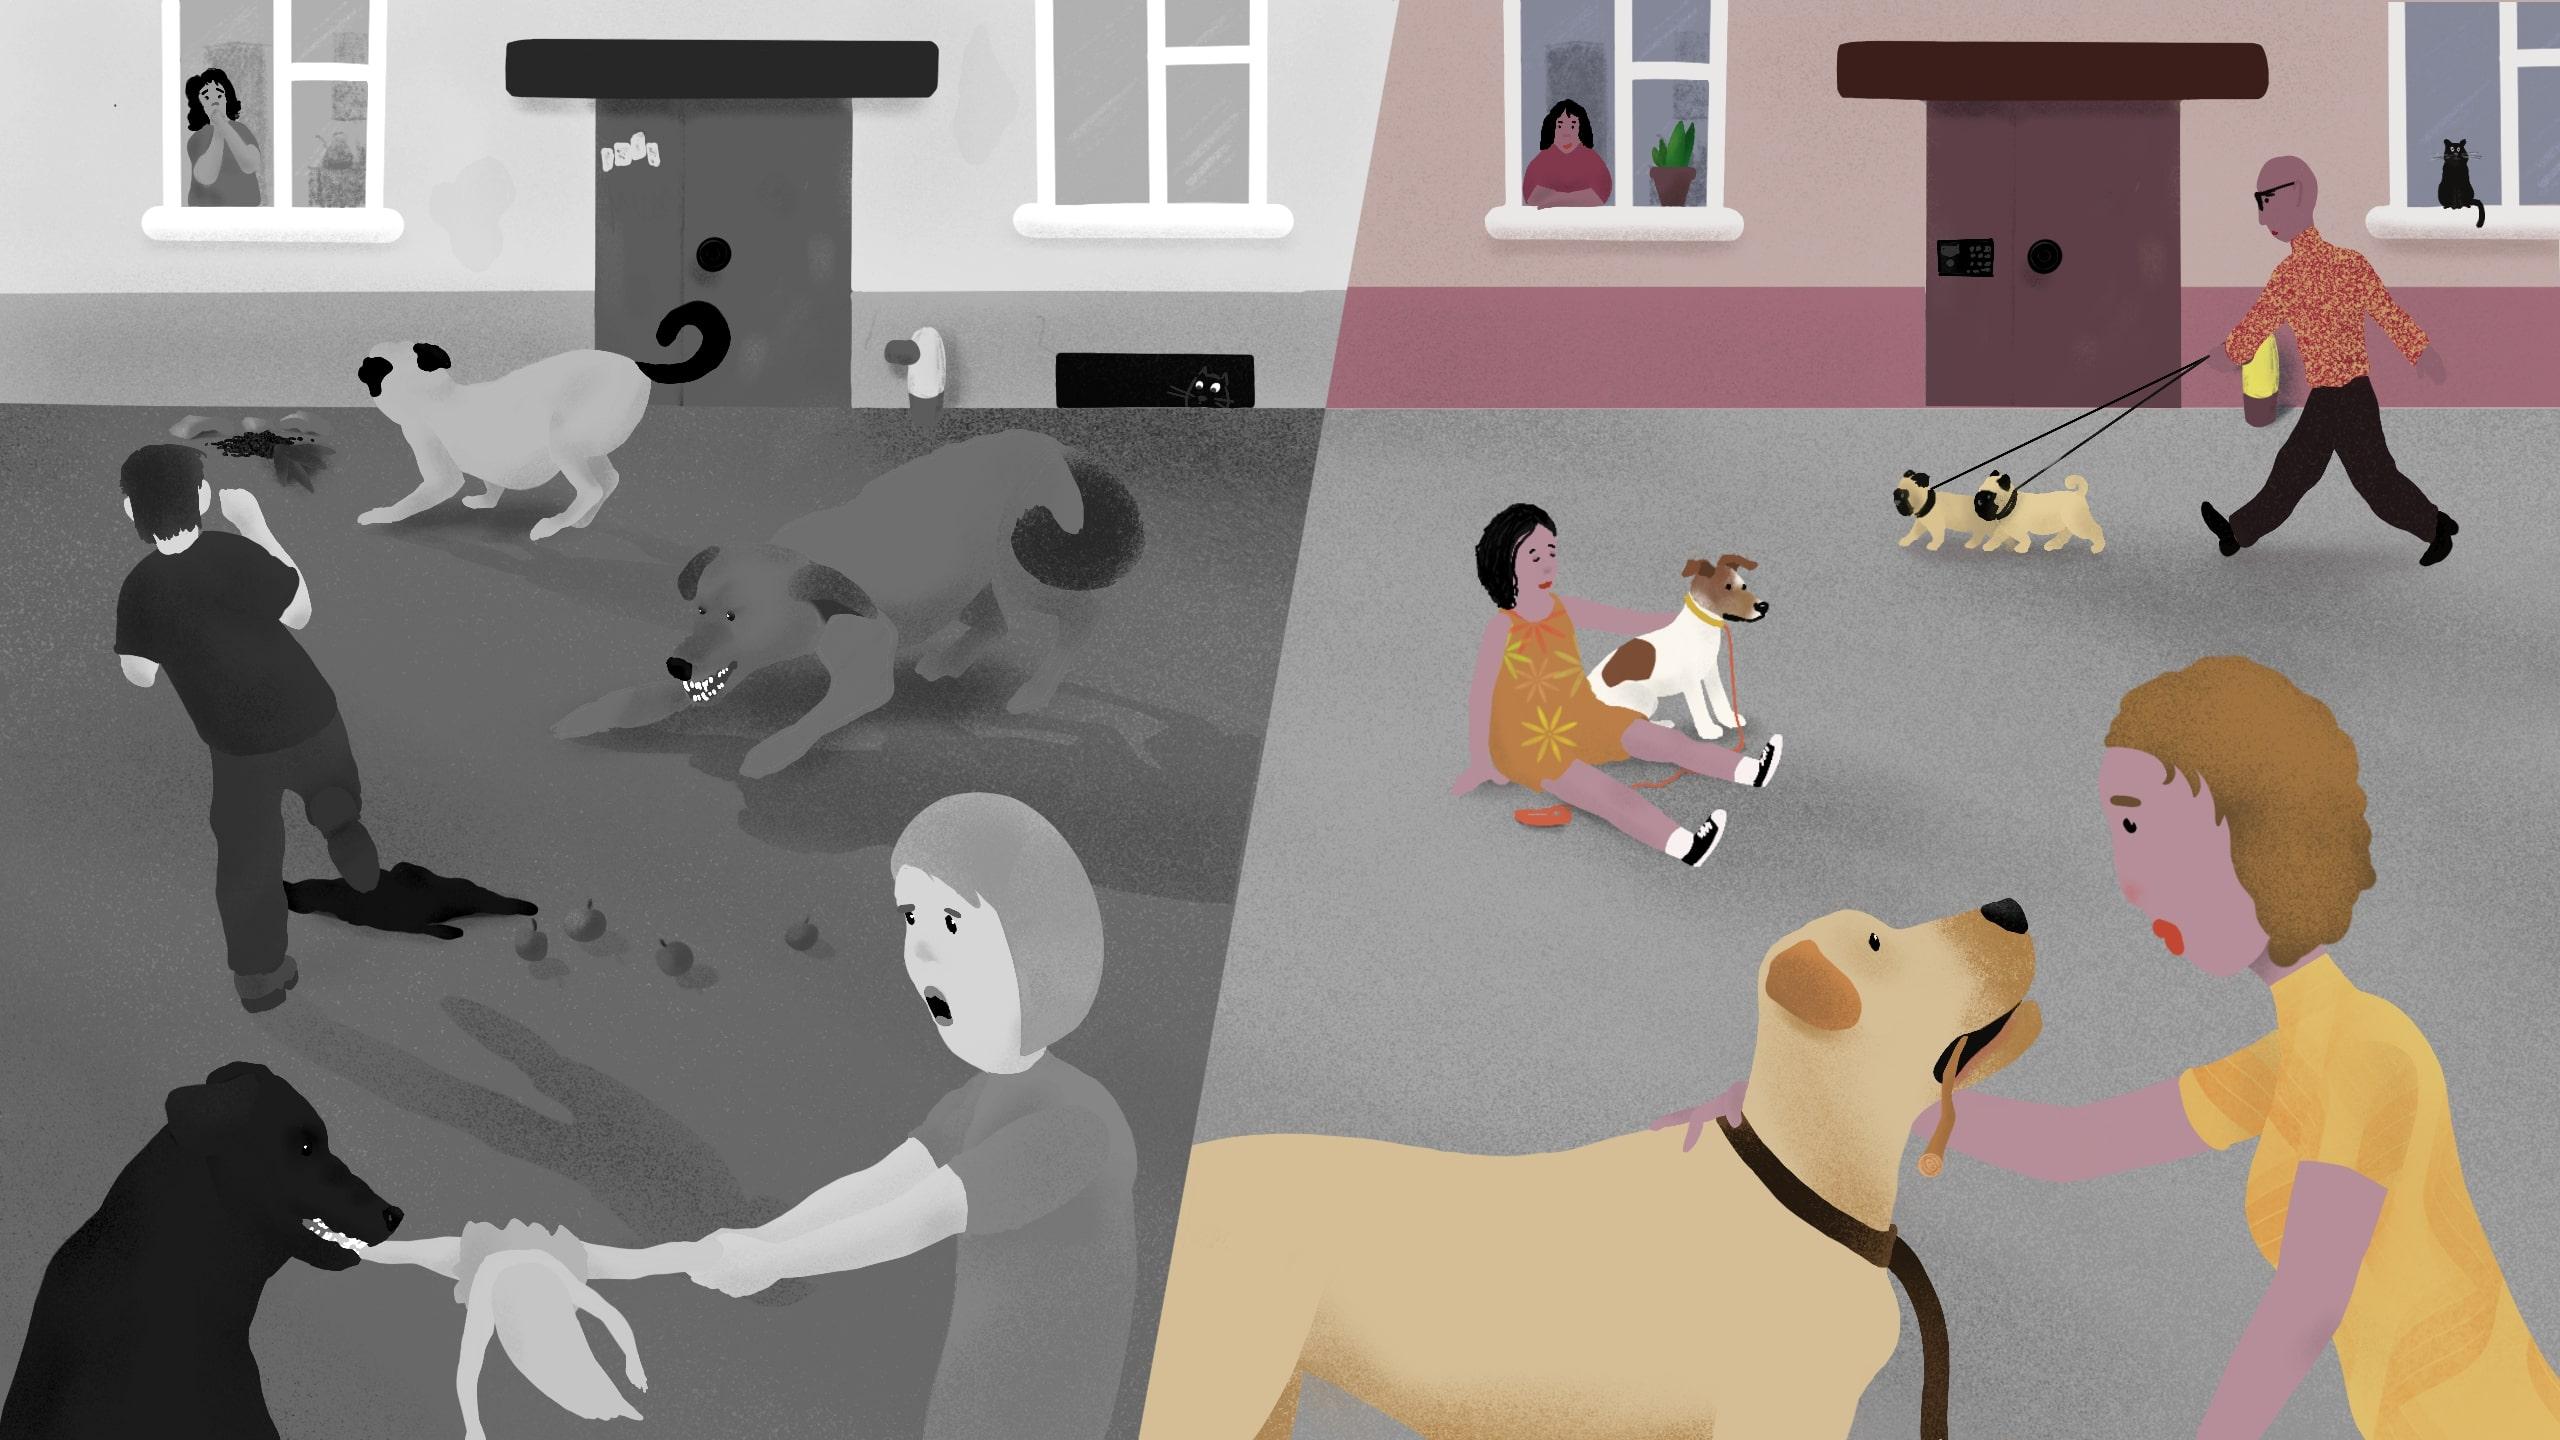 Рисунок, изображающий людей и животных